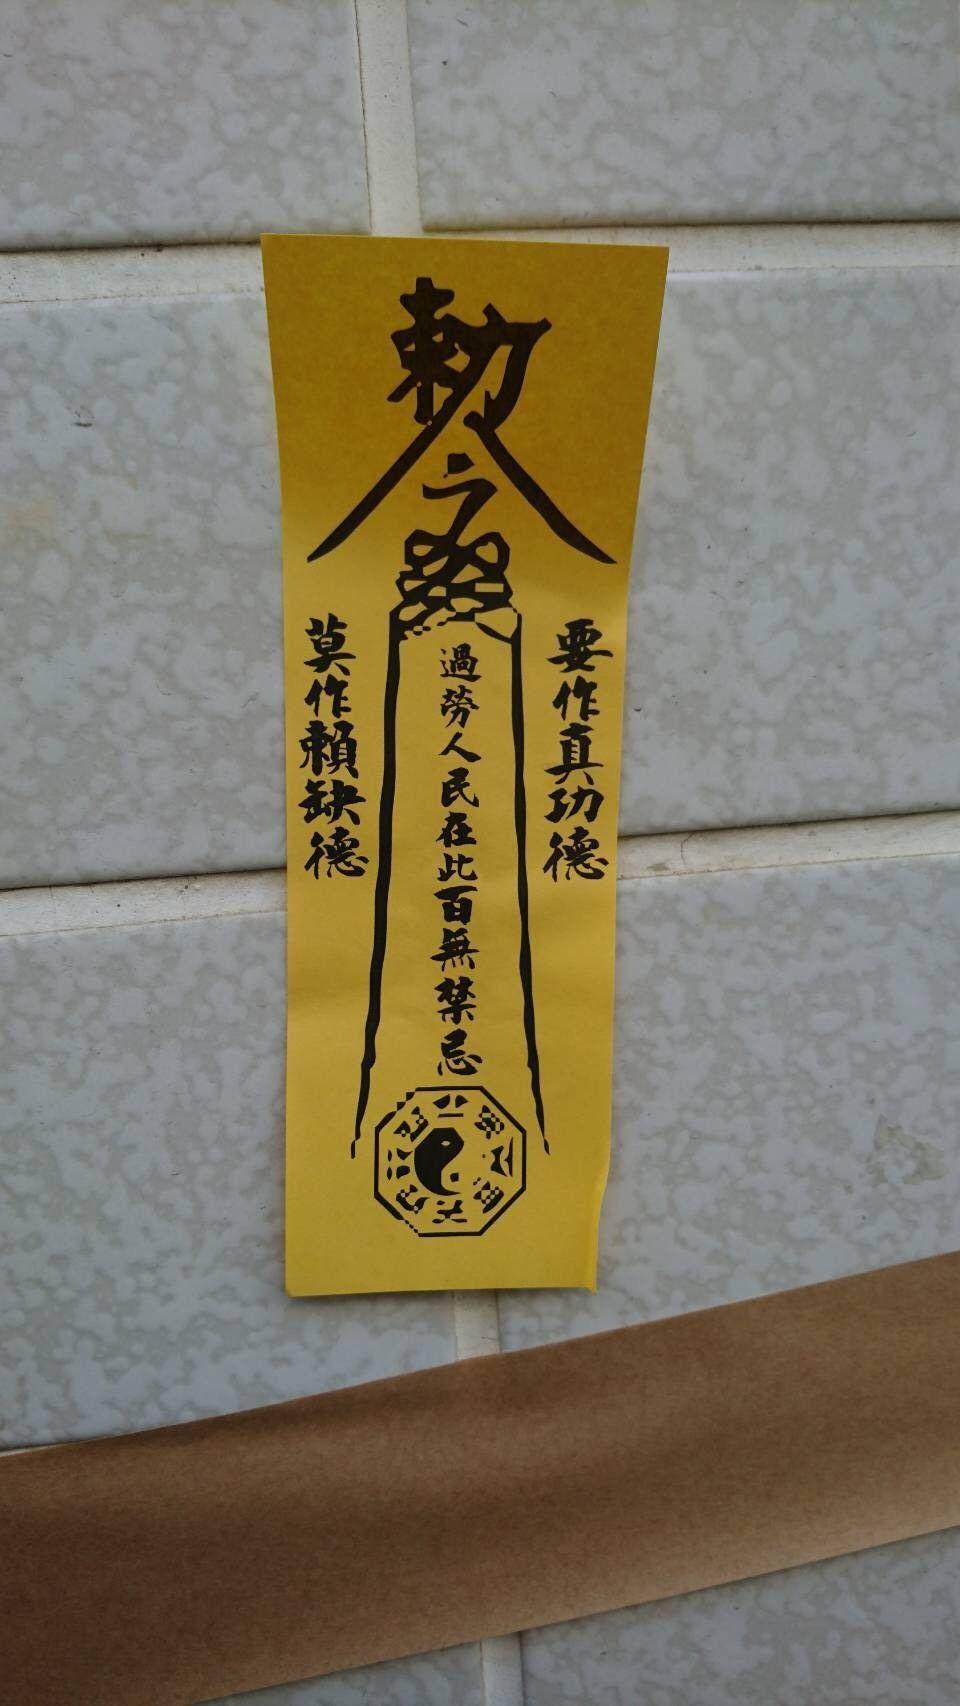 """北京赛车PK10计划:民进党多处党部被""""贴符"""":莫作赖缺德_要做真功德"""